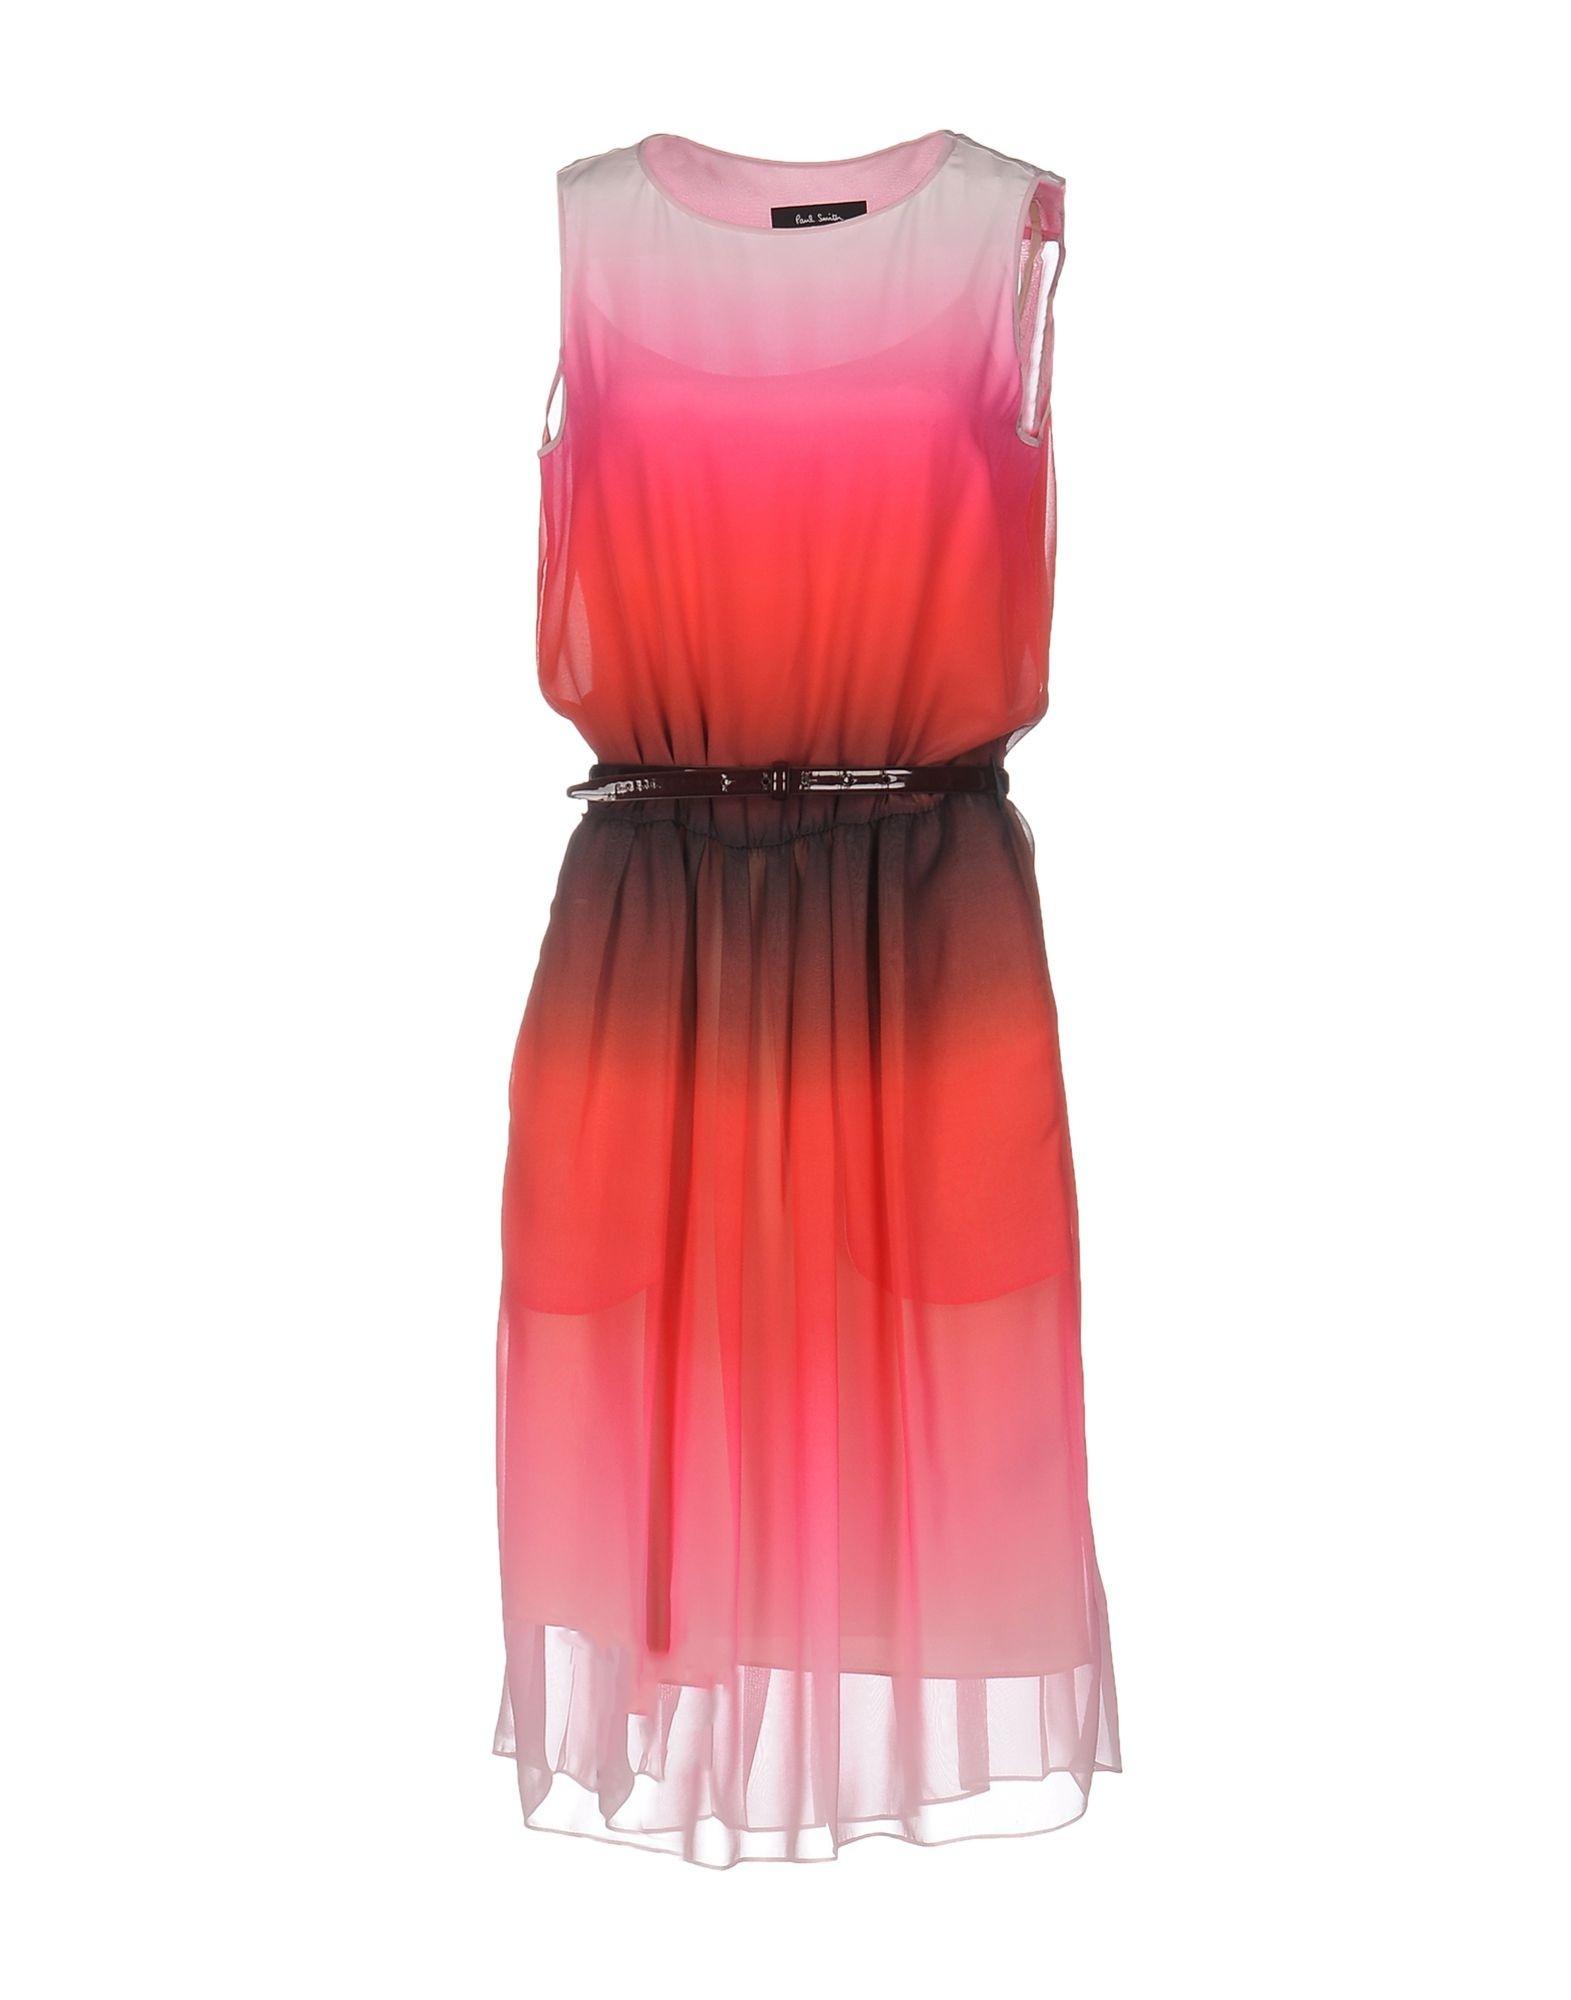 13 Schön Kleid Kaufen für 201915 Luxurius Kleid Kaufen Ärmel